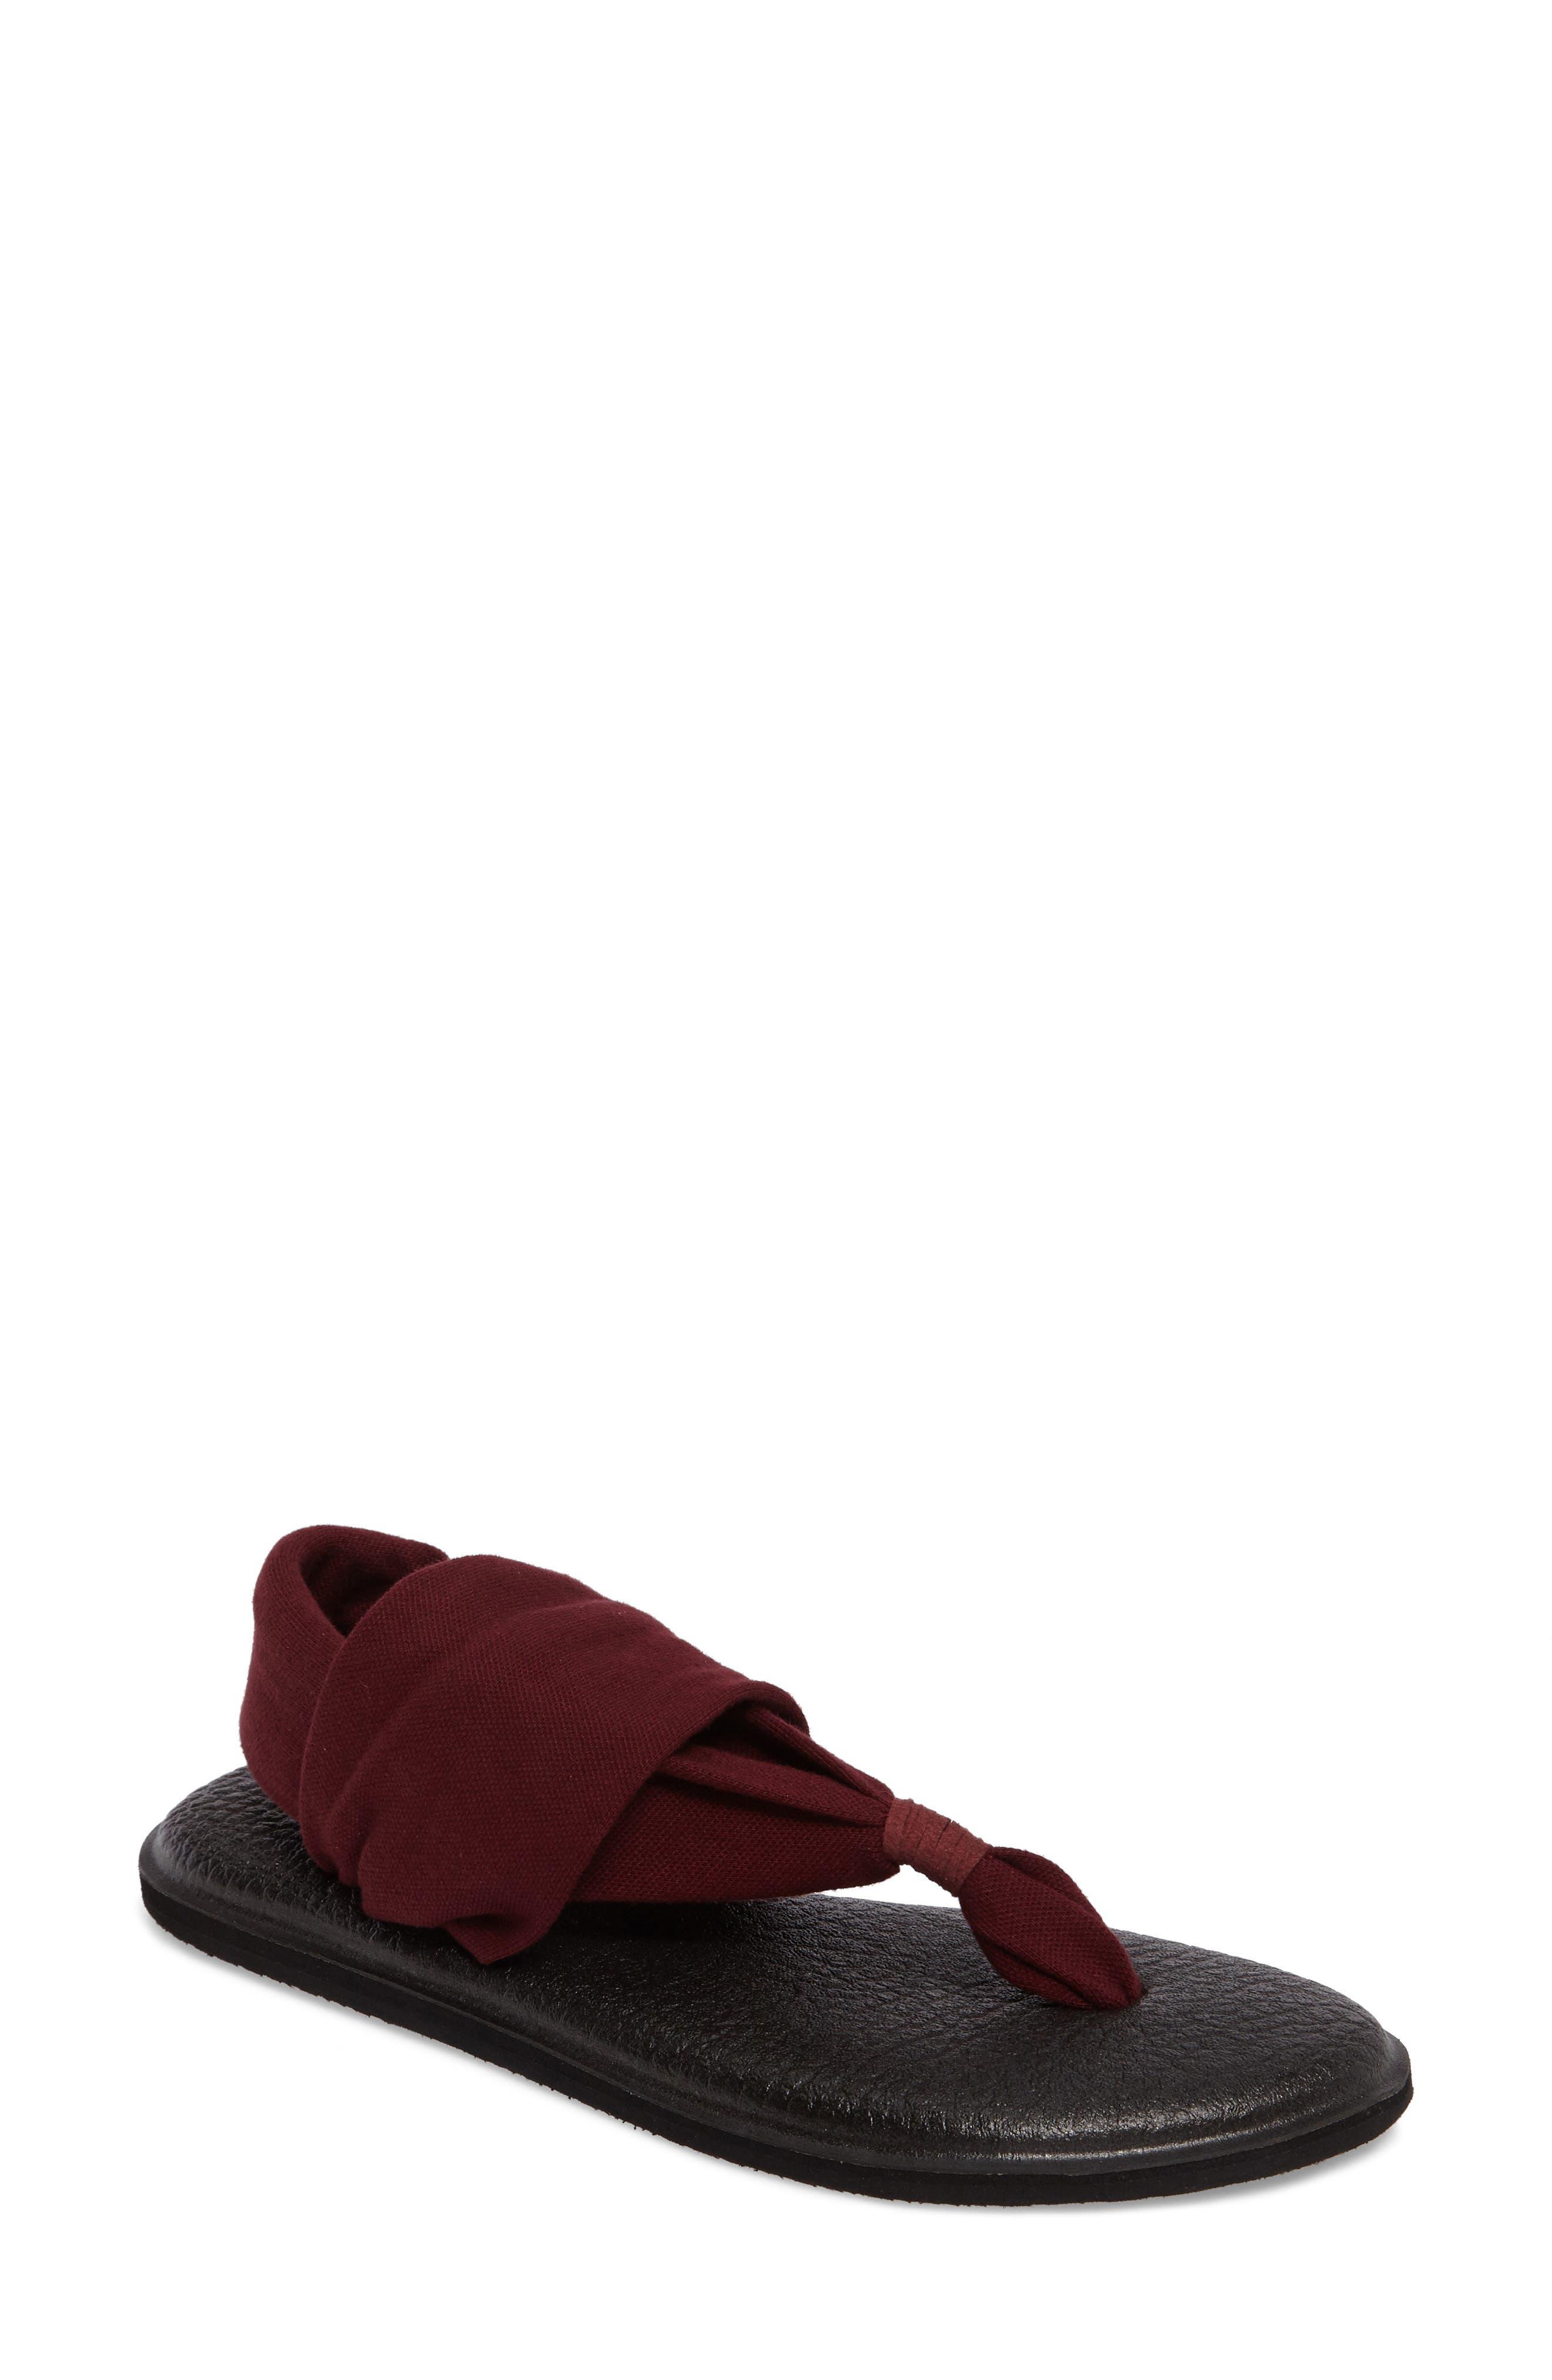 Alternate Image 1 Selected - Sanuk 'Yoga Sling 2' Sandal (Women)